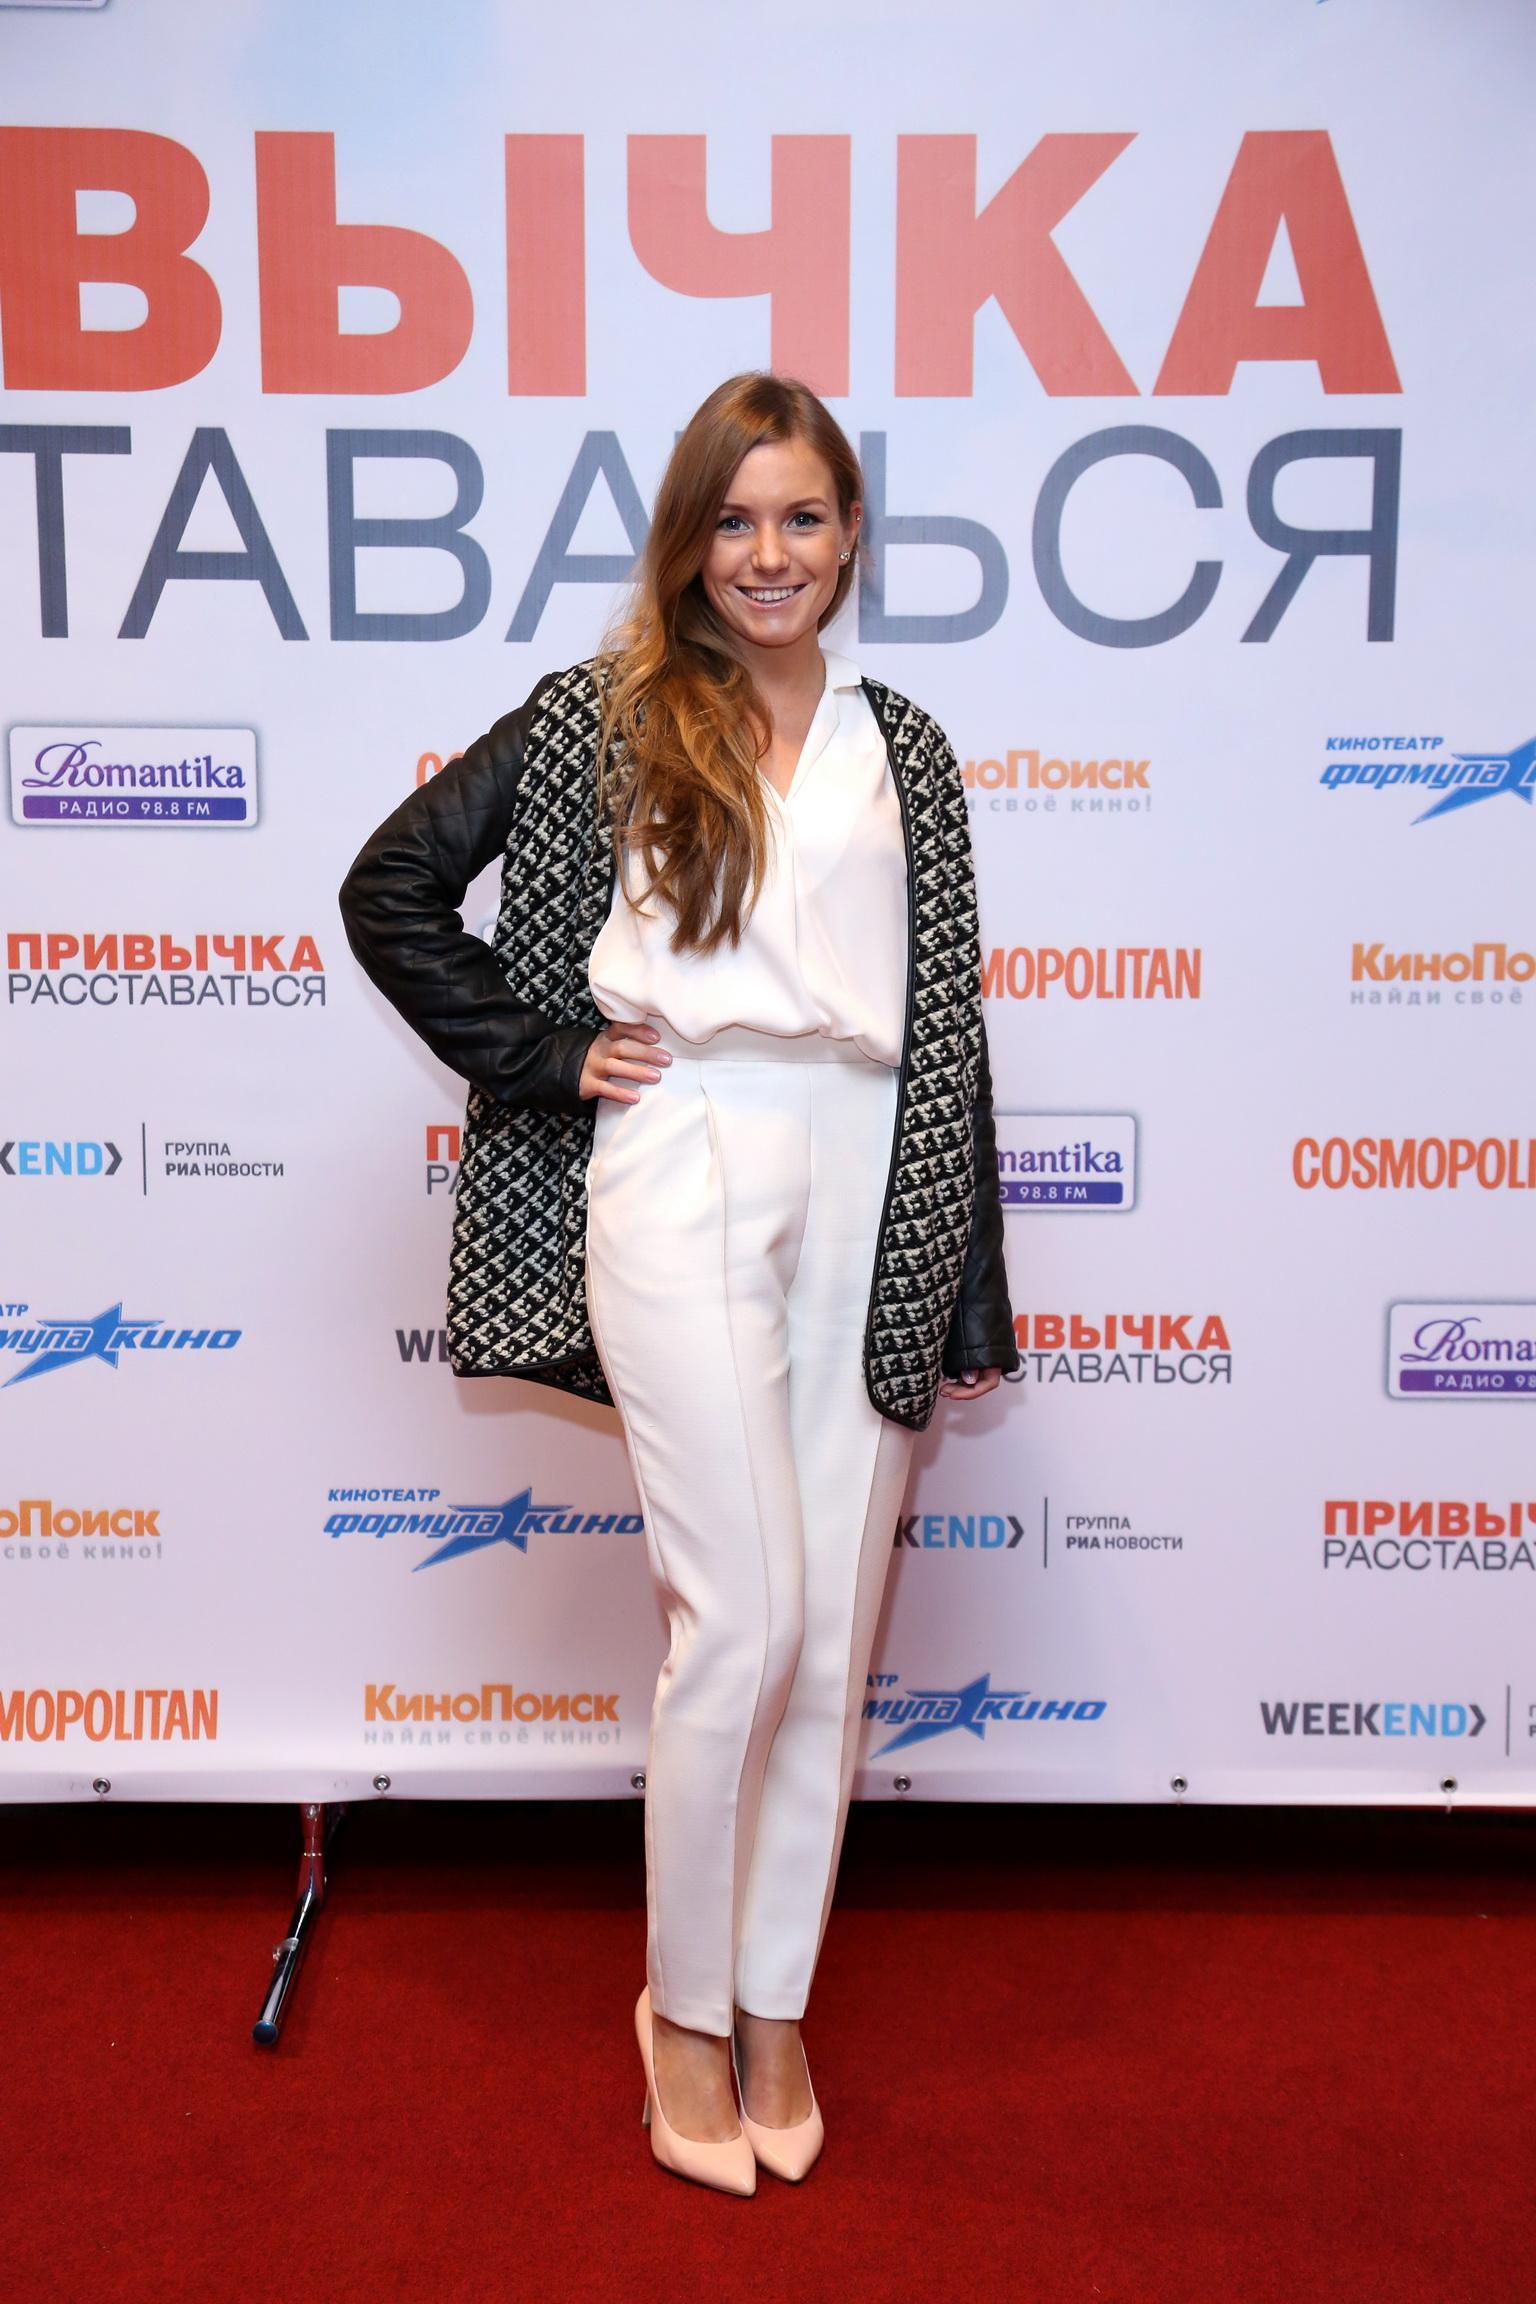 Российские фильмы 2017 смотреть онлайн список лучших